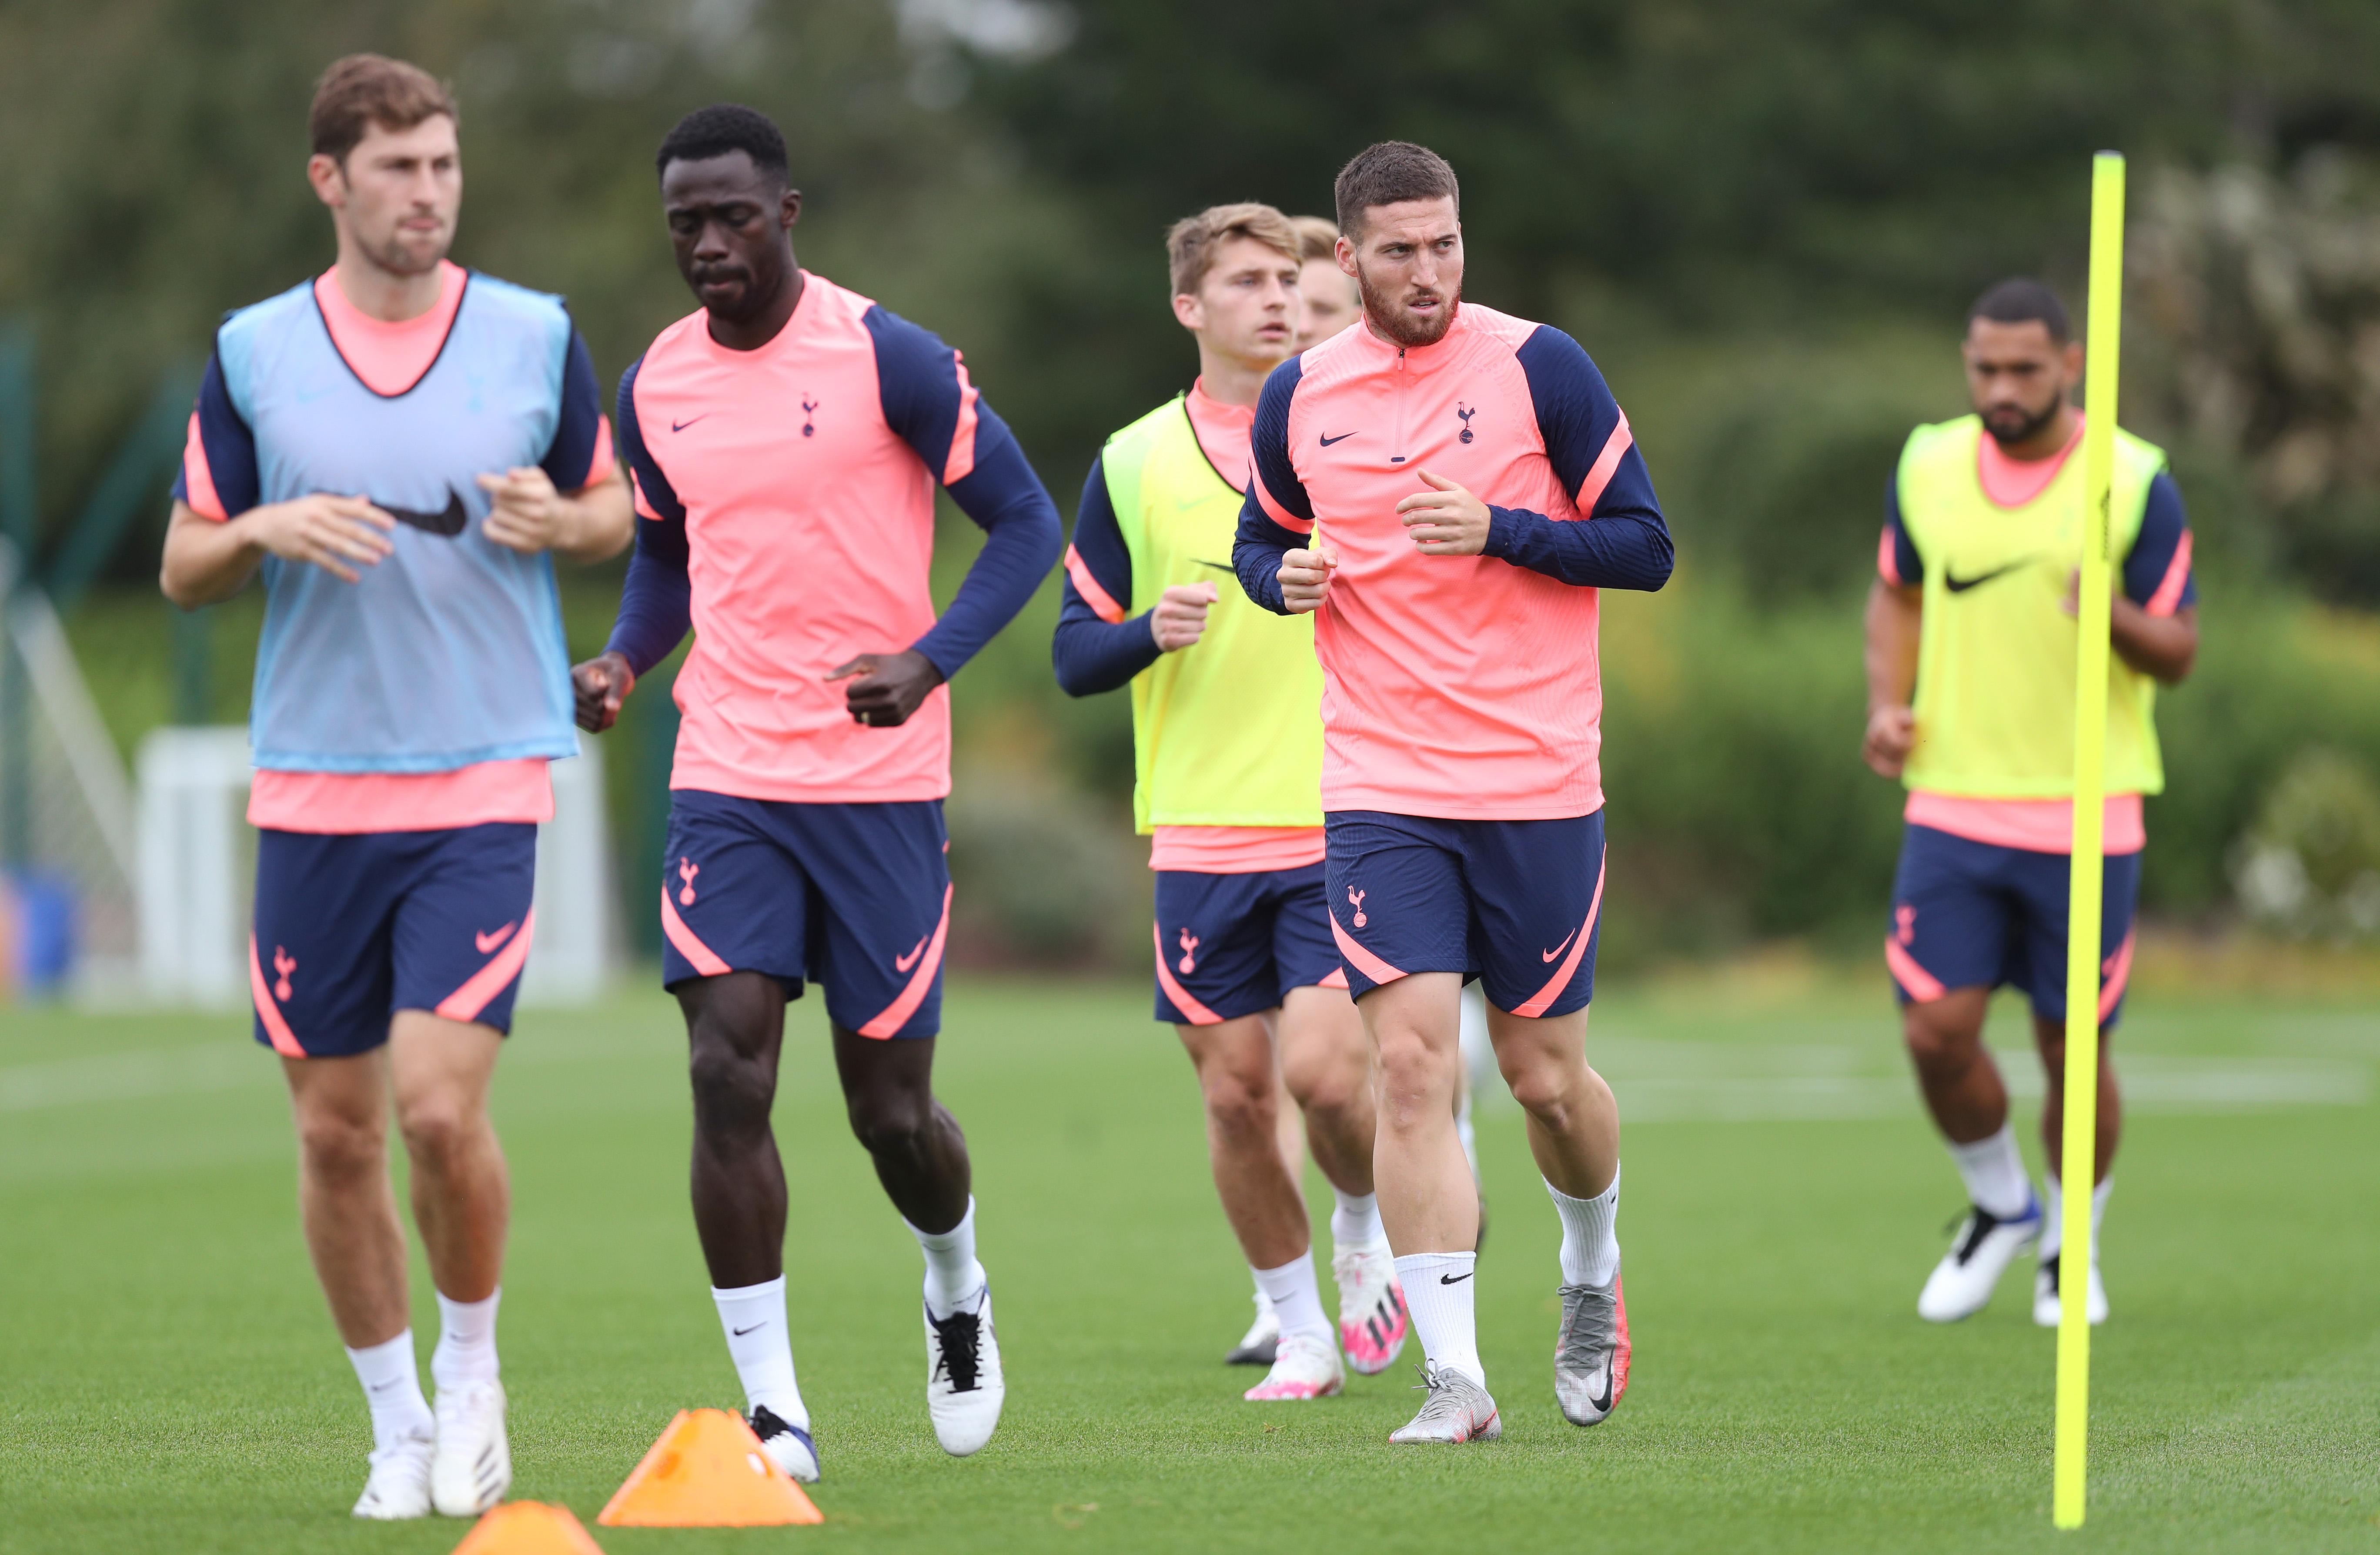 Tottenham Hotspur Training Session